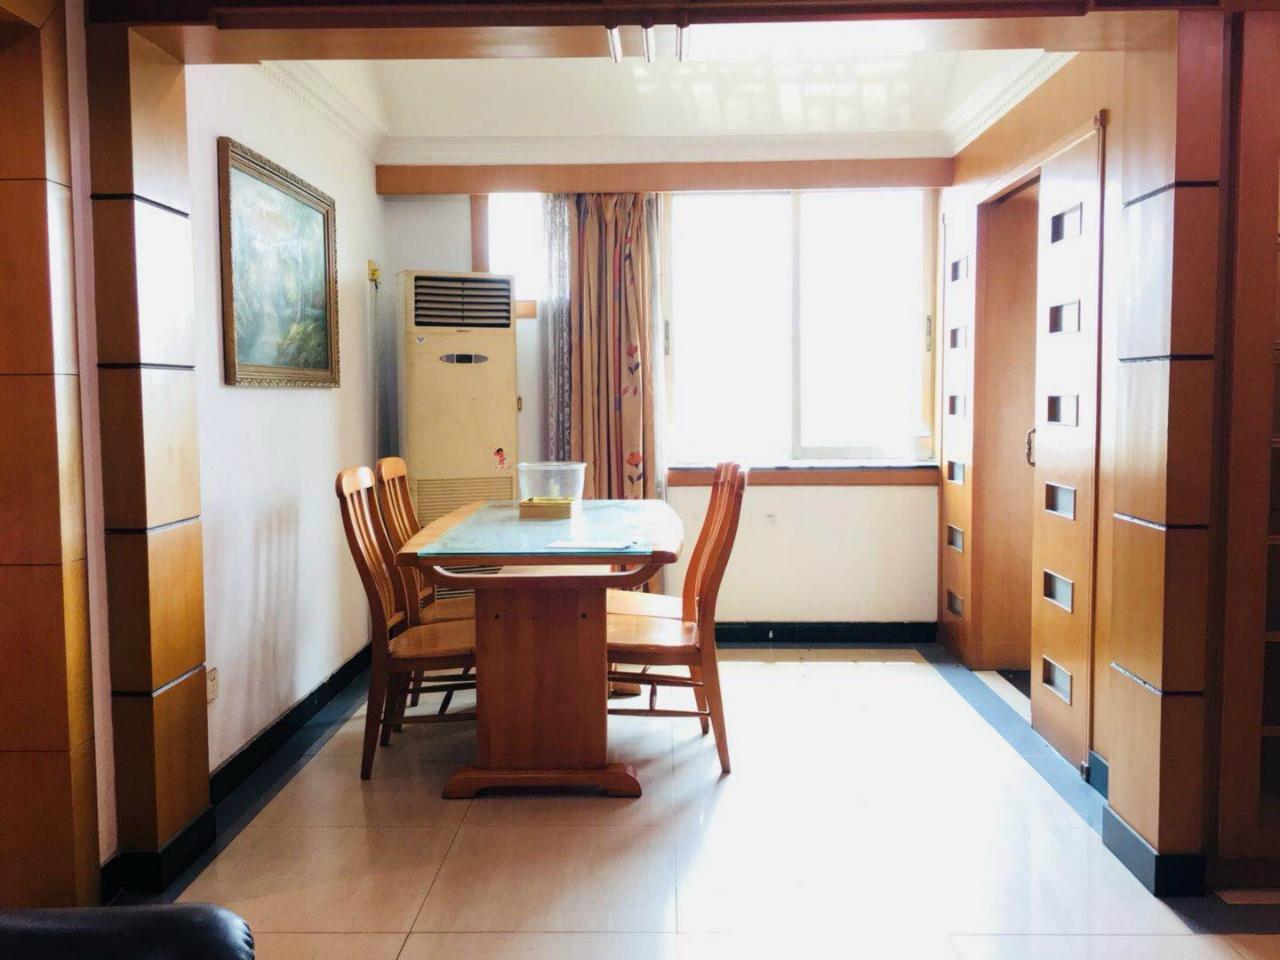 越秀北路 粮食厅房改房 电梯 采光通风好 小北路学位 有钥匙